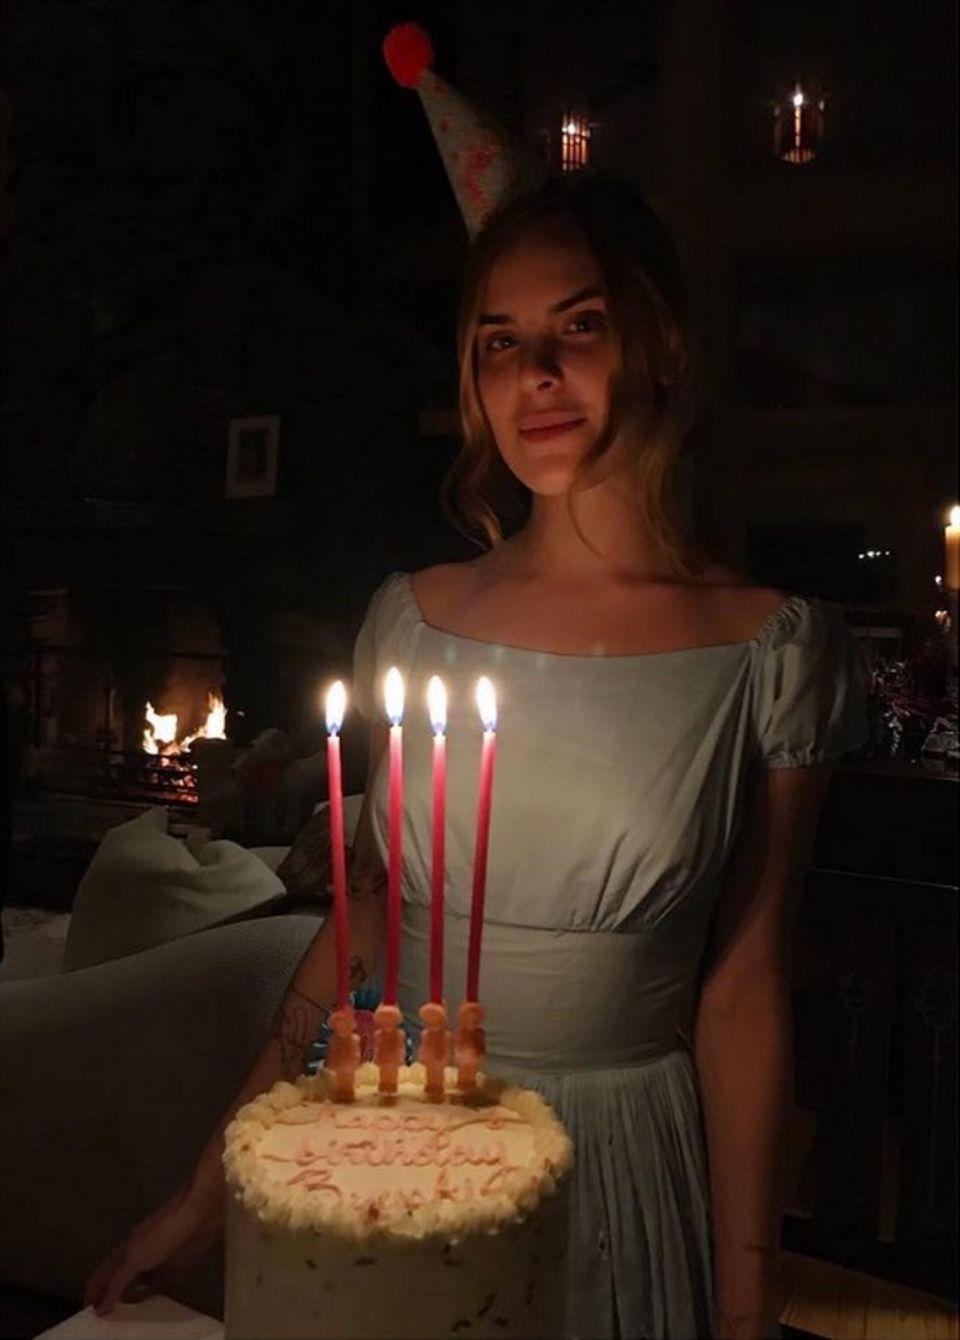 """Zu ihrem 24. Geburtstag erhält die jüngste Tochter von Demi Moore einen Traum aus Sahne. Dazu postet die ältere Schwester Rumer Willis """" Ich kann nicht glauben, dass diese Göttin meine Schwester ist. Ich bin so geehrt und dankbar, sie zu kennen, von ihr zu lernen, sie wachsen zu sehen, für unsere Freundschaft, ich fühle mich wie der glücklichste Mensch am Leben, um so eine besondere schöne Seele in meinem Leben zu haben. Du bist ein Geschenk und ein Licht in meiner Liebe, meine Liebe. Höre nie auf zu leuchten. Du bist mein Licht"""". Schöner kann es Liebesgeständnis an die Schwester wohl kaum sein."""